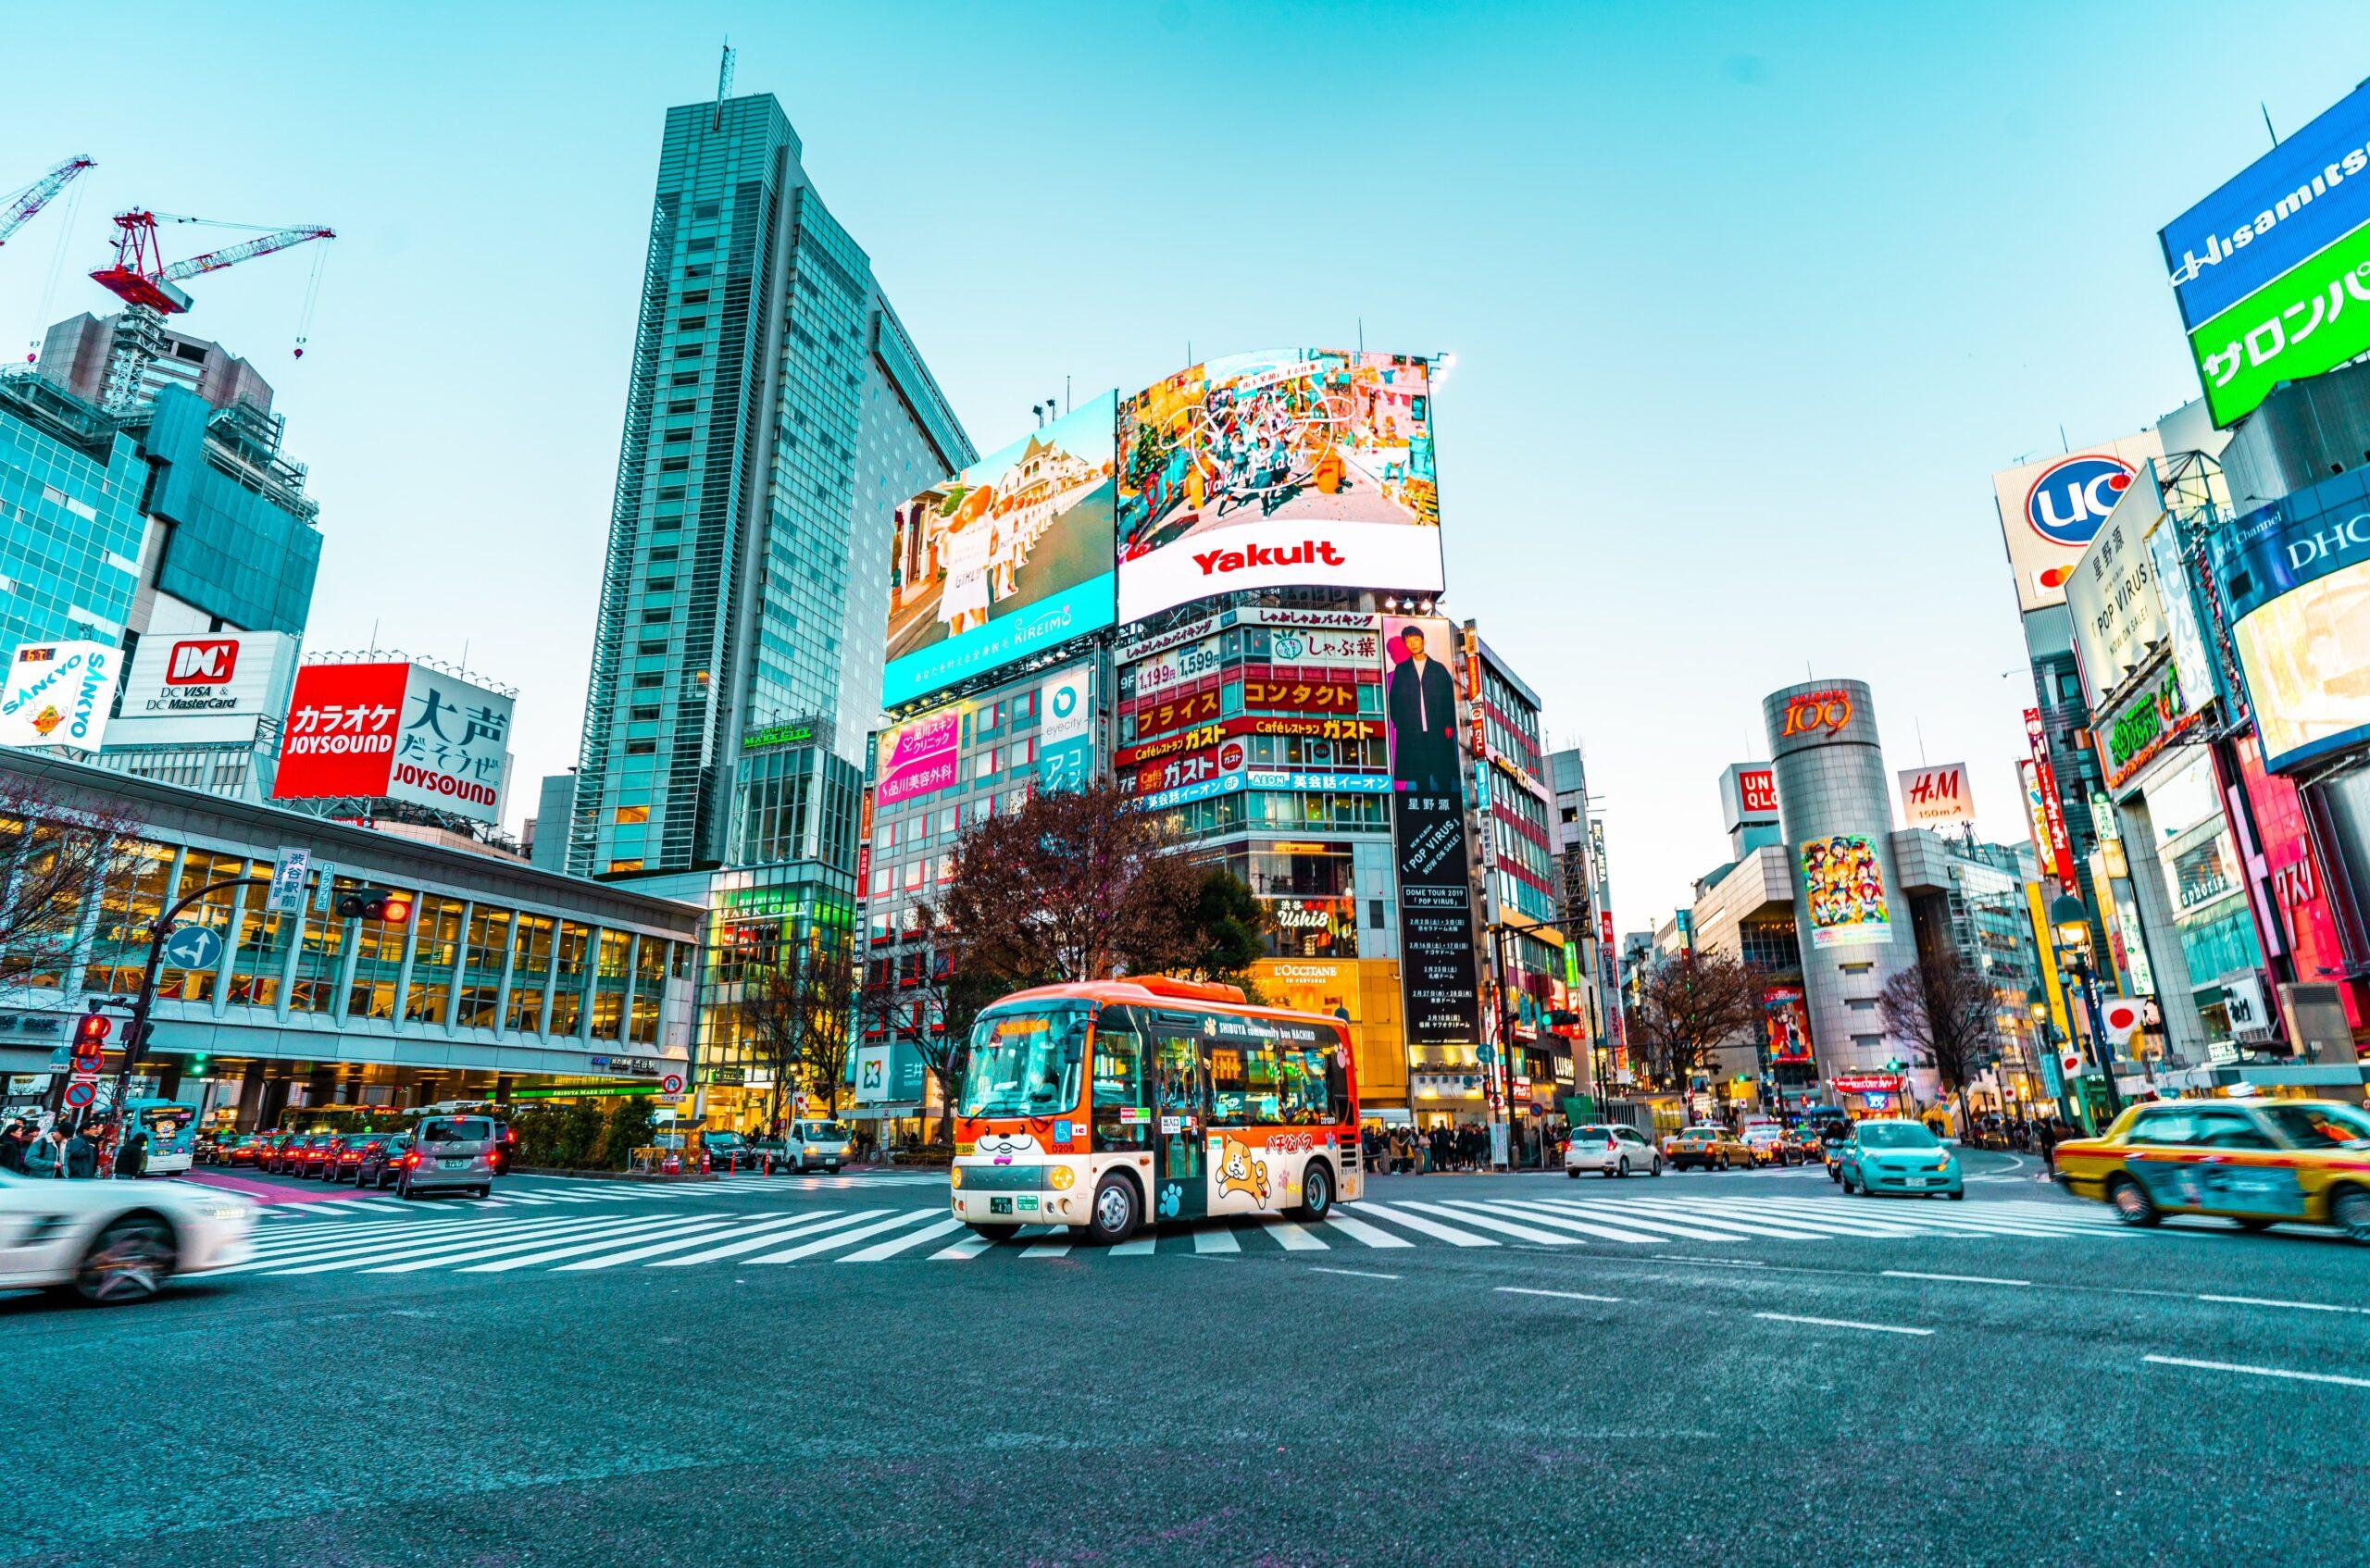 日本のフェアトレードにおける認知度